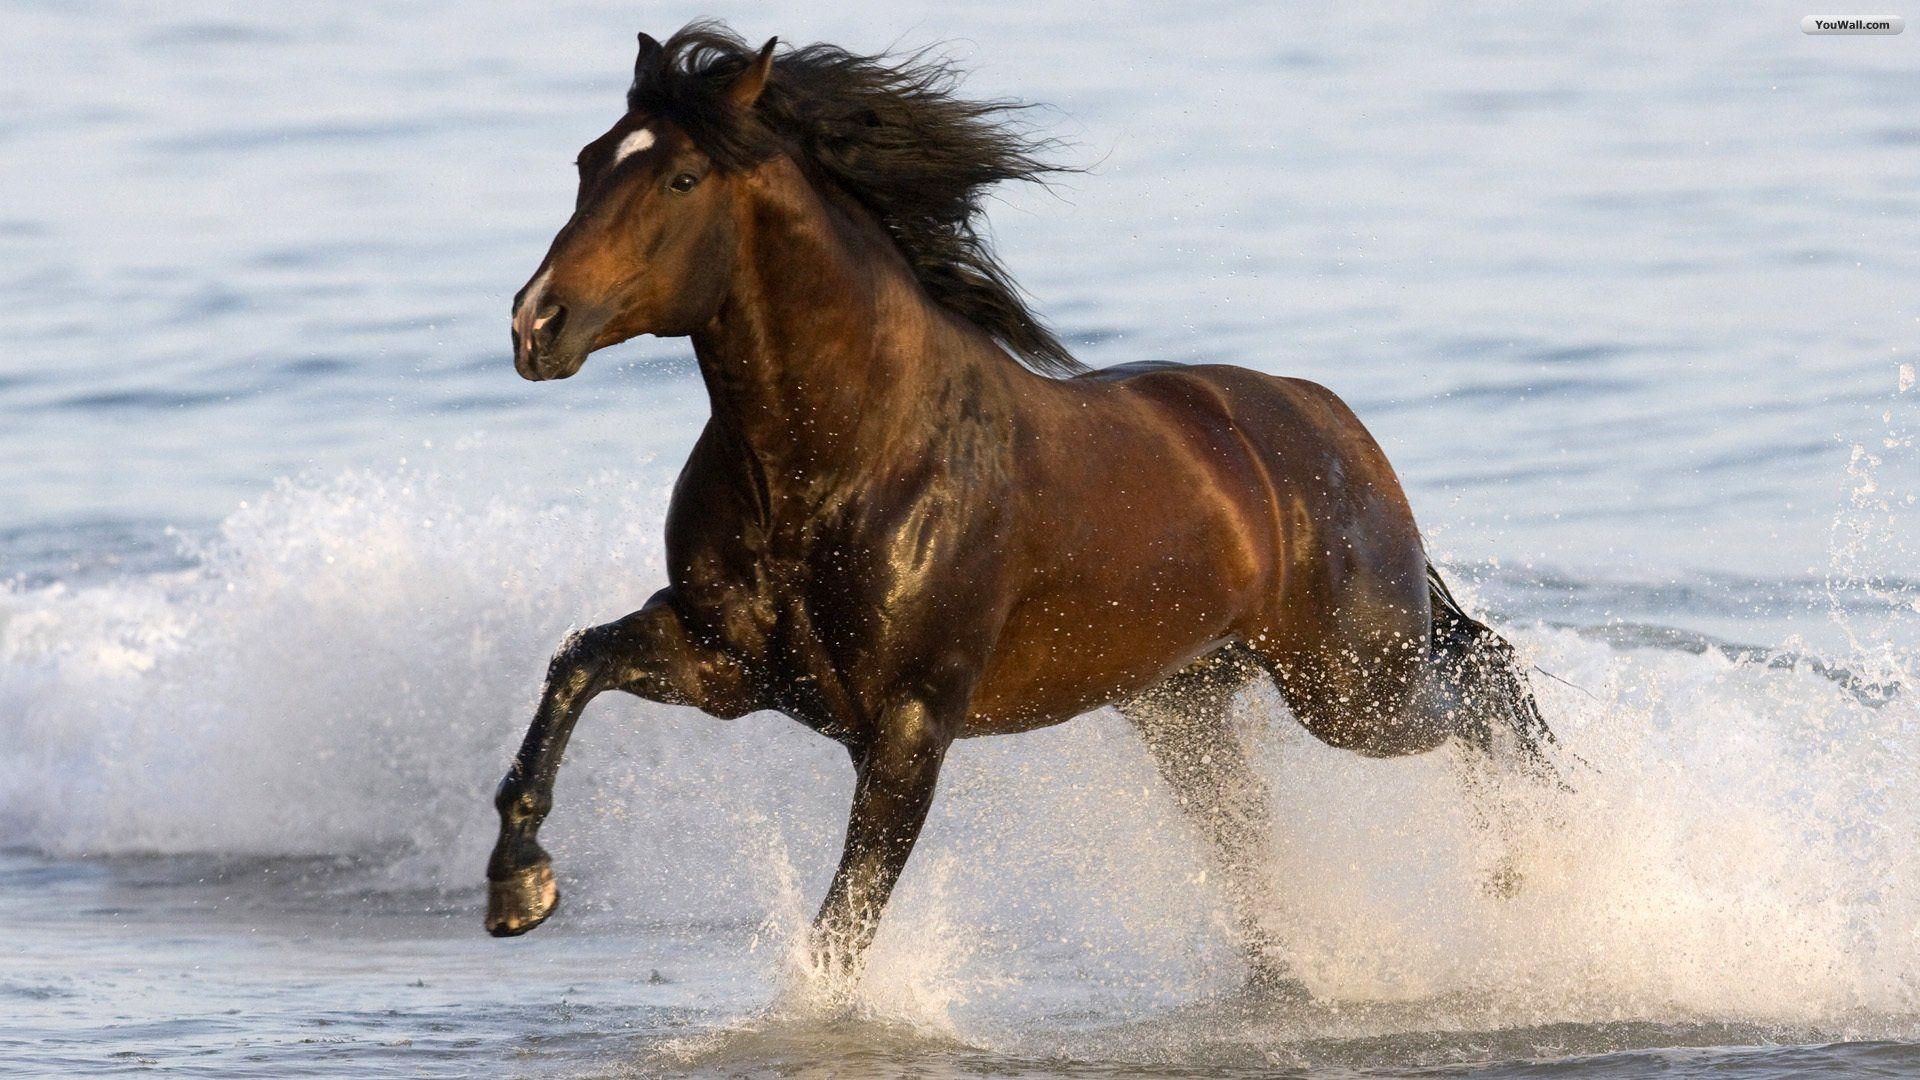 Popular Wallpaper Horse Flicka - 676a1122099830587e644e251b3b33c4  Graphic_434617.jpg